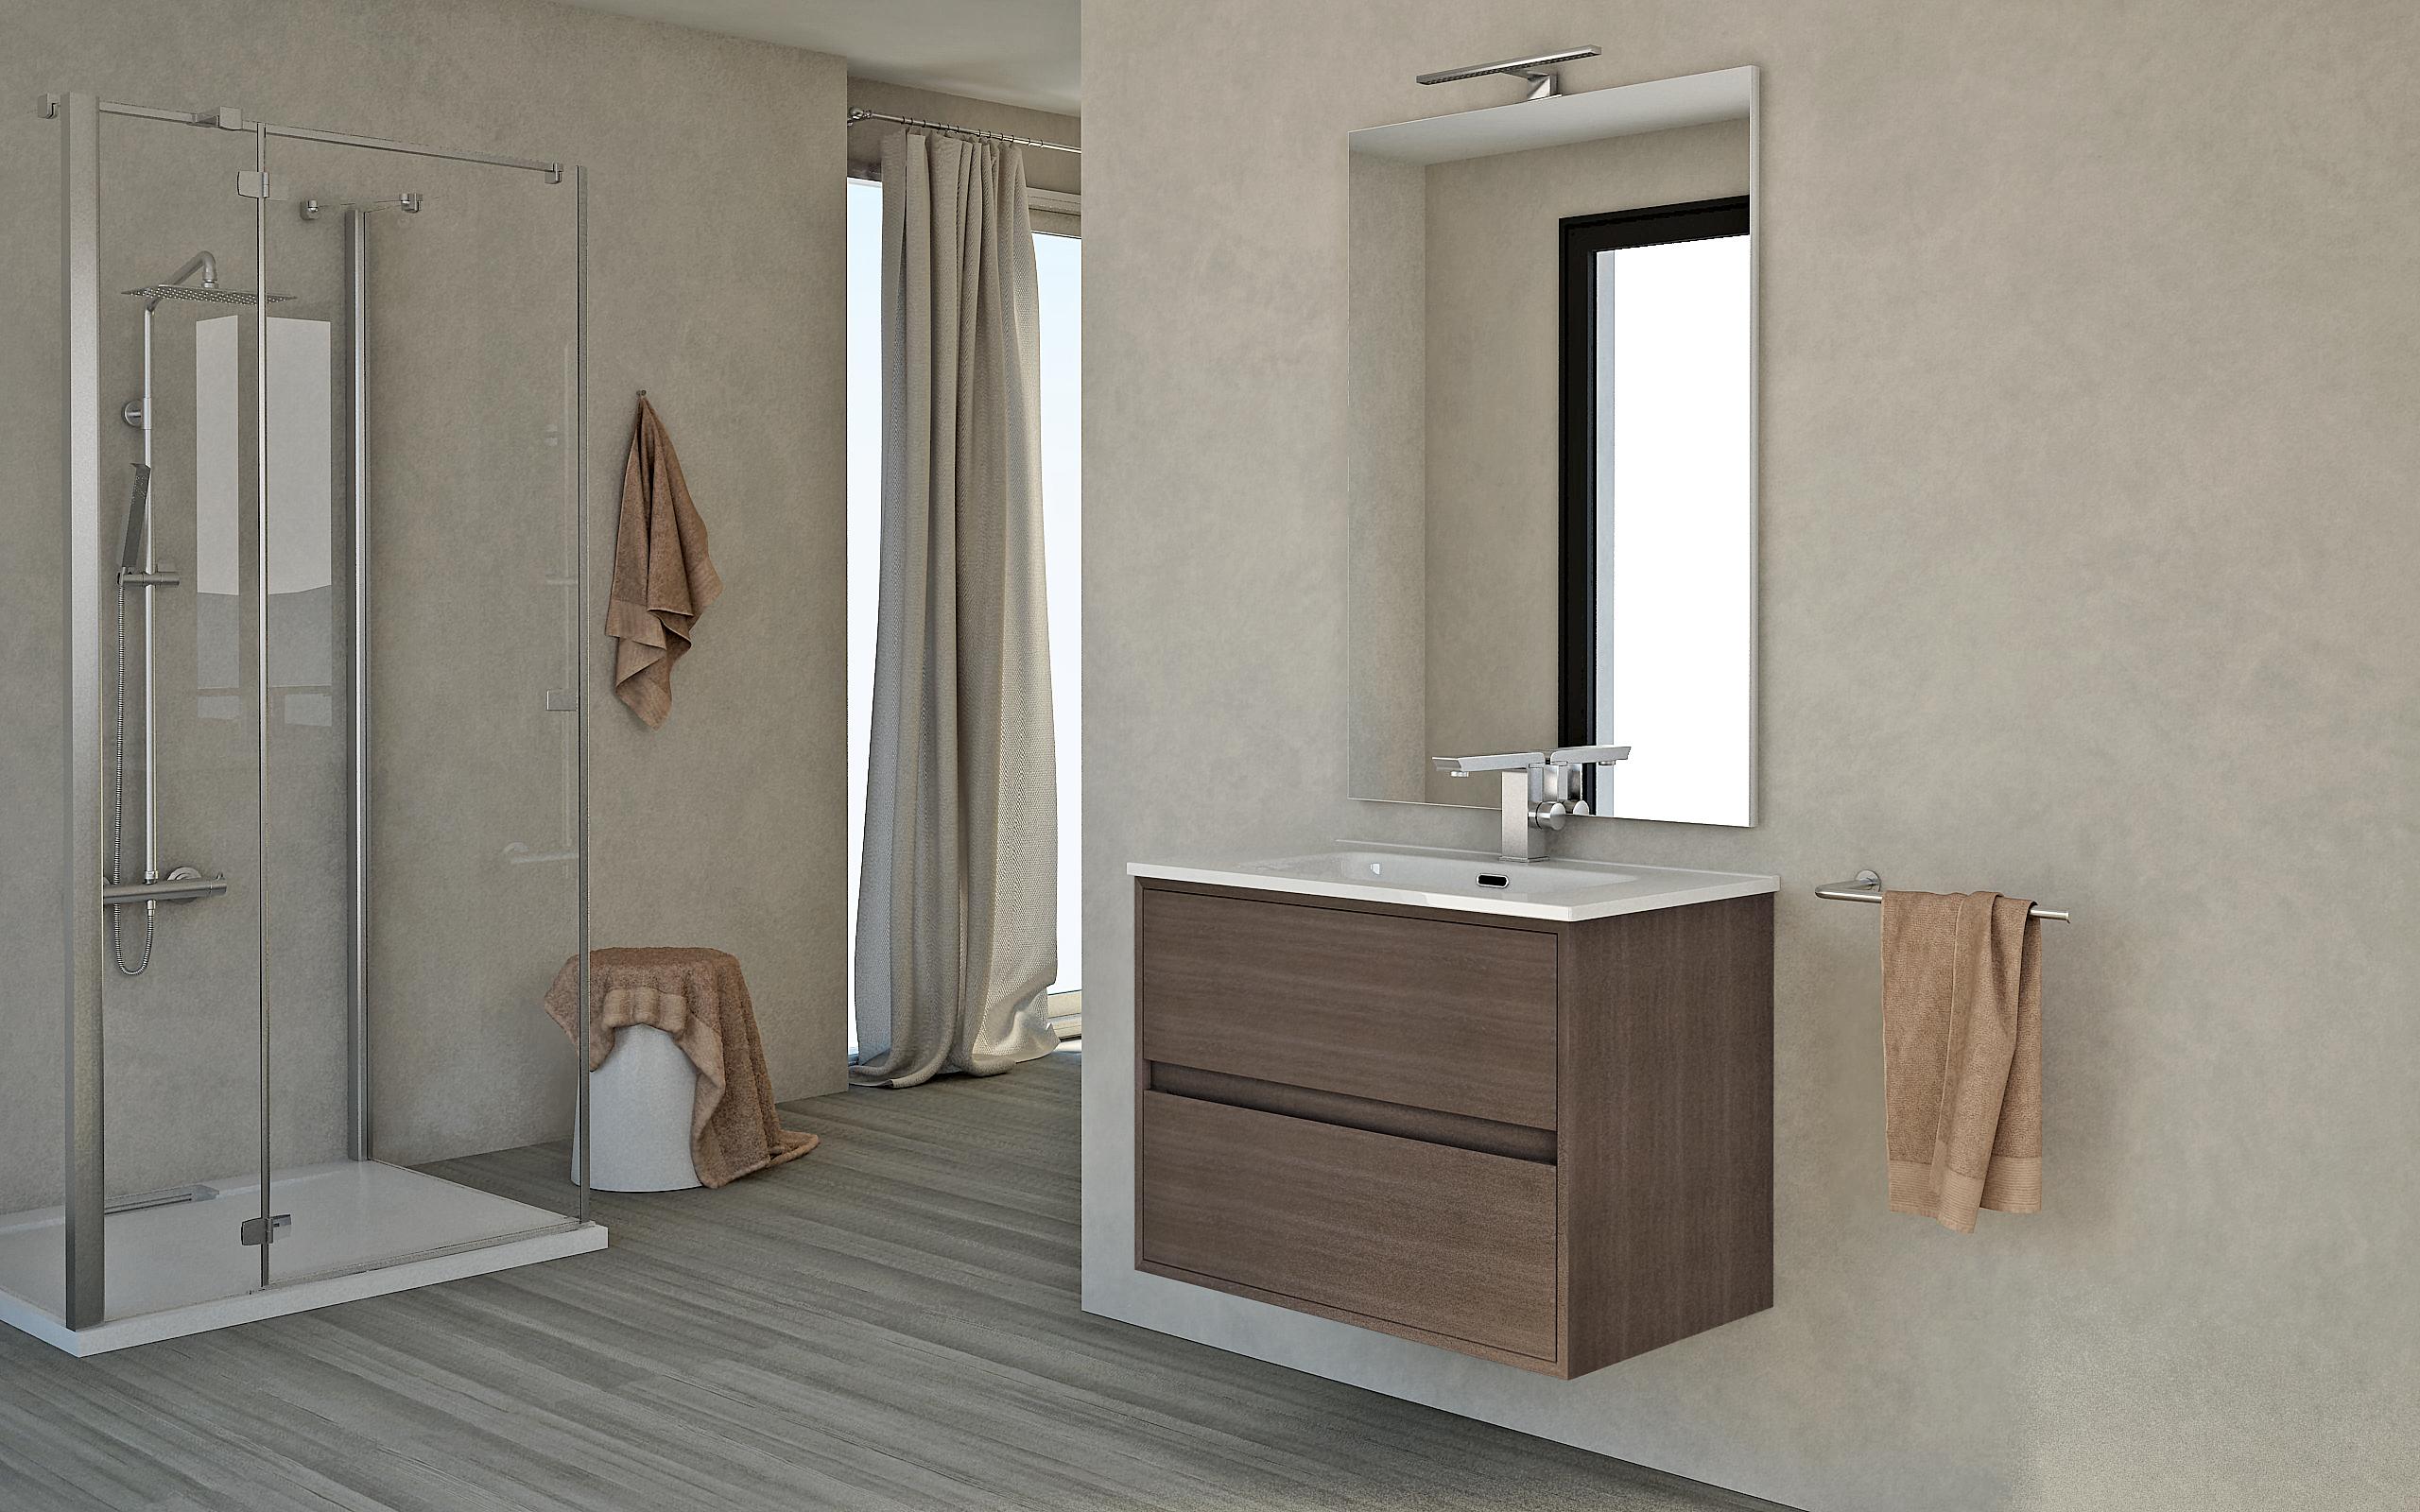 Mobile bagno stondato smyle arredobagno per un bagno moderno e pratico ideagroup mobile bagno - Mobile bagno stondato ...